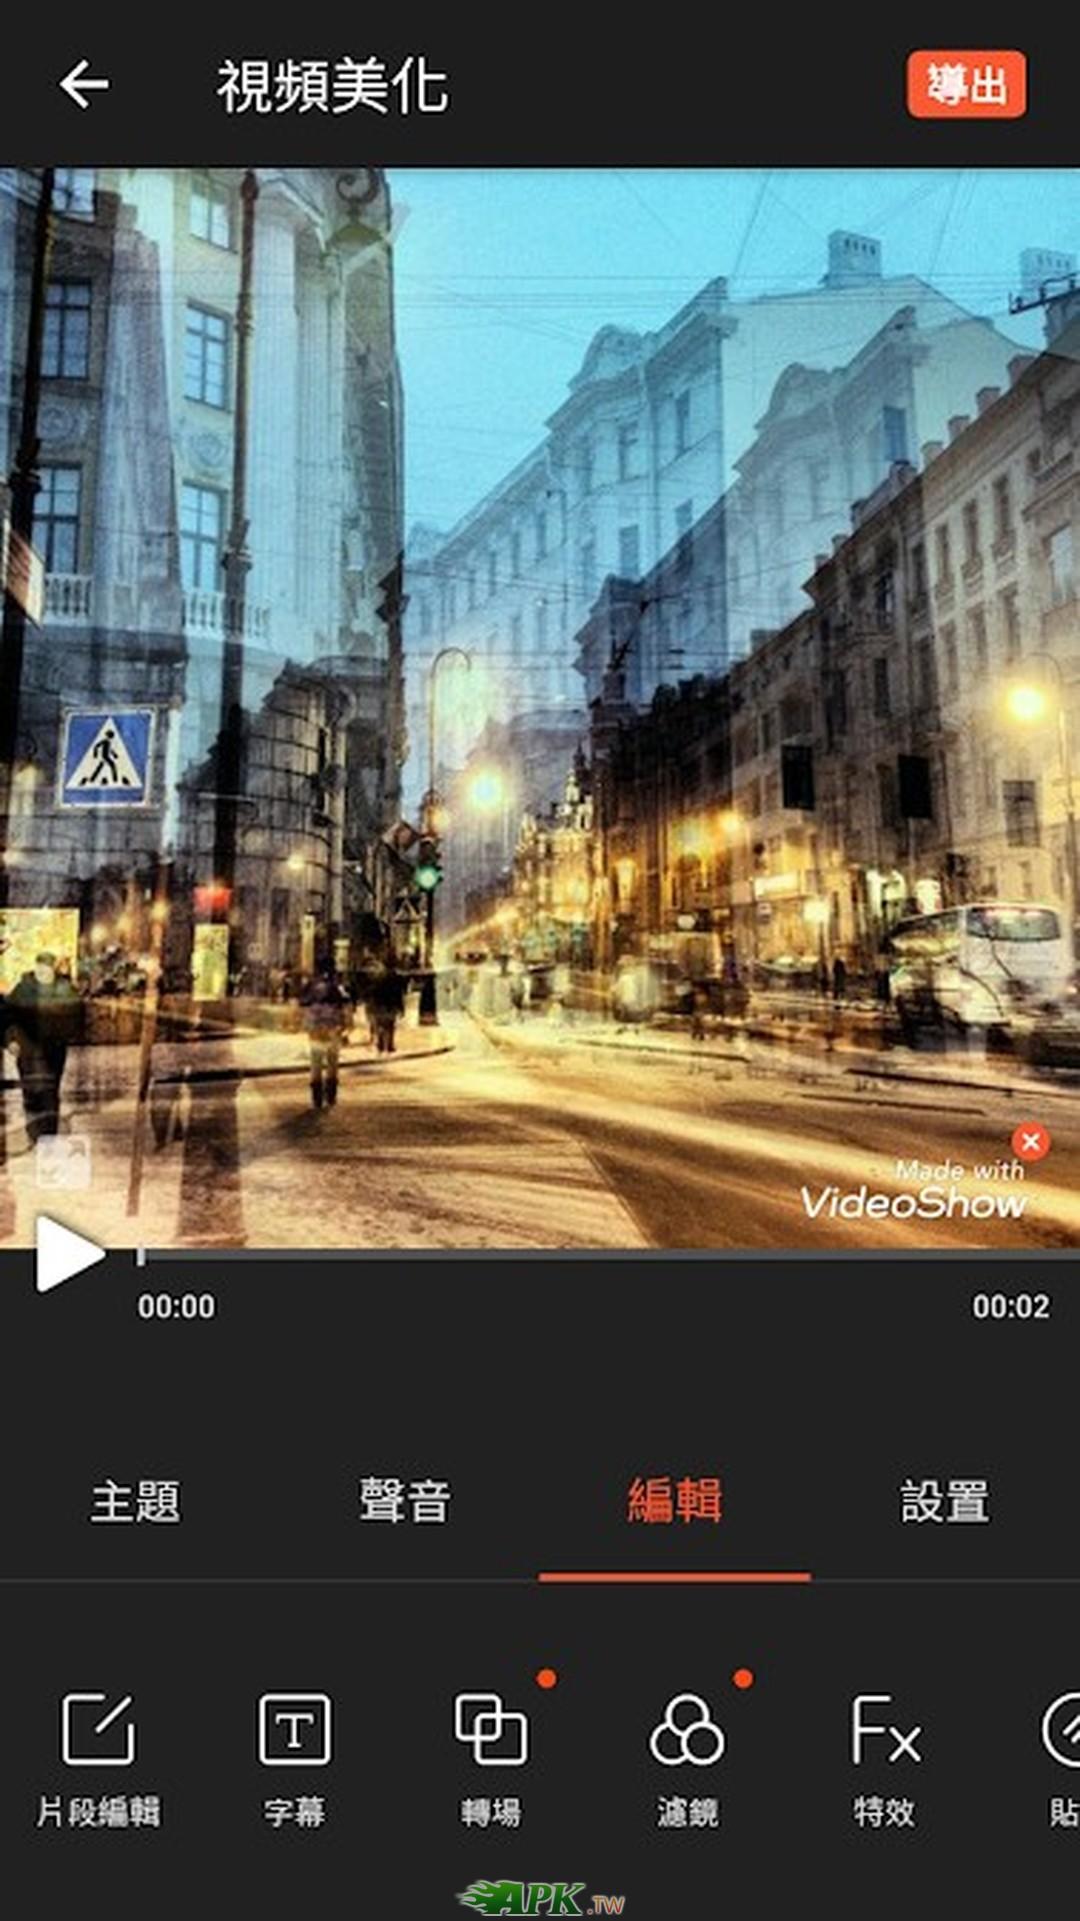 VideoShow_Pro__7.jpg